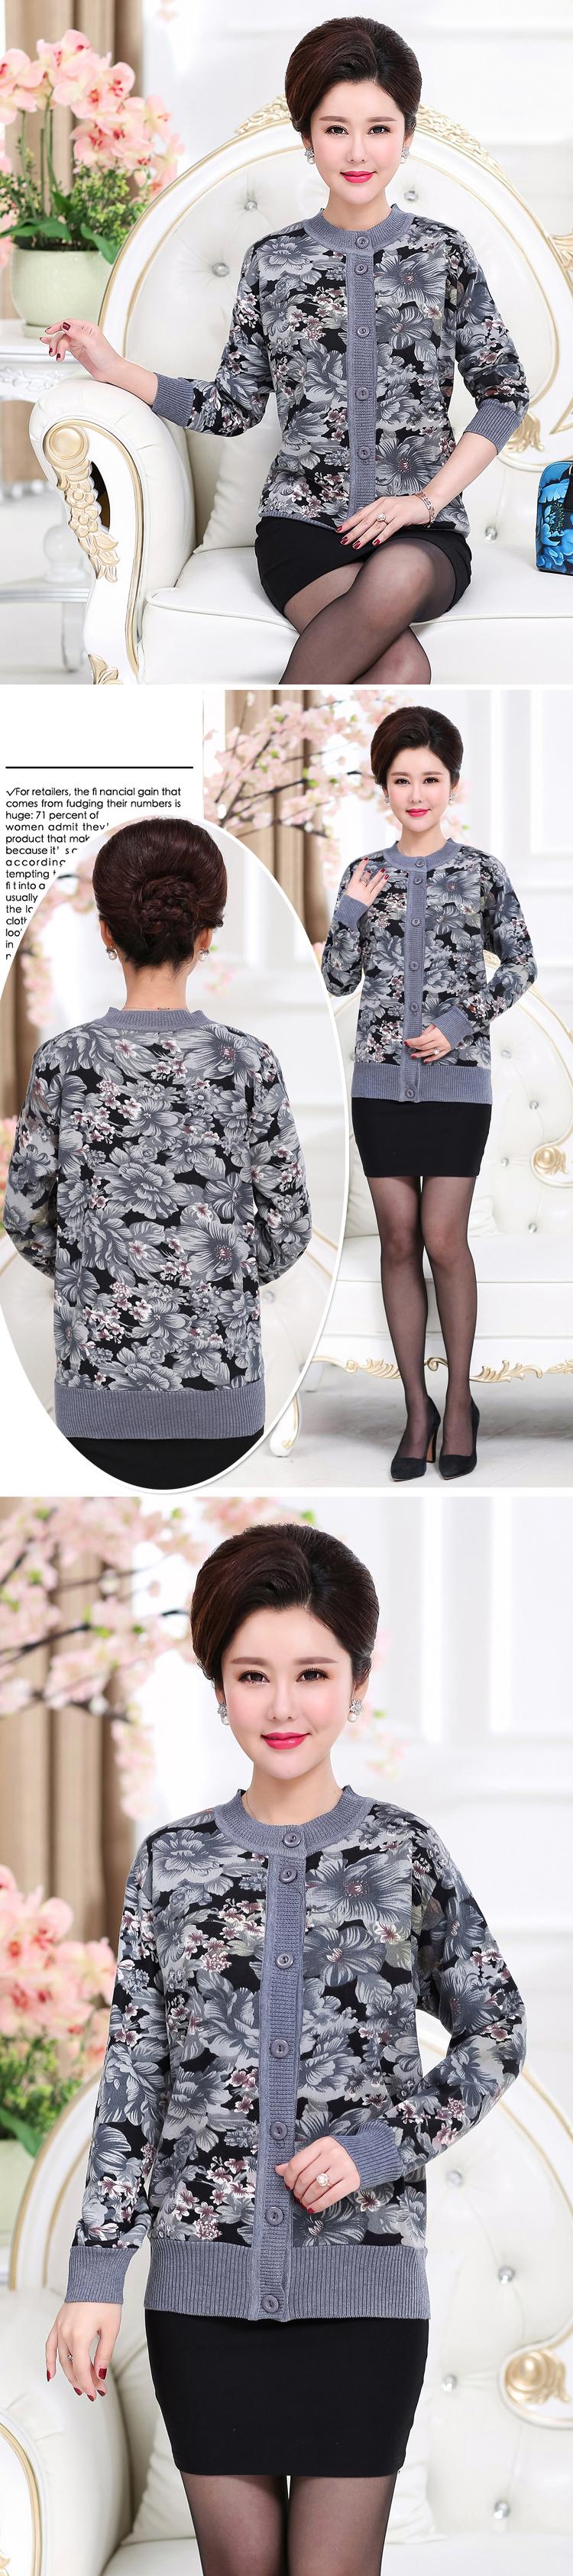 WAEOLSA Winter Woman Flower Cardigan Sweaters Middle Aged Women\`s Thicken Fleece Knitwear Lady Knied Cardigan Sweater Warm Top Mother (11)